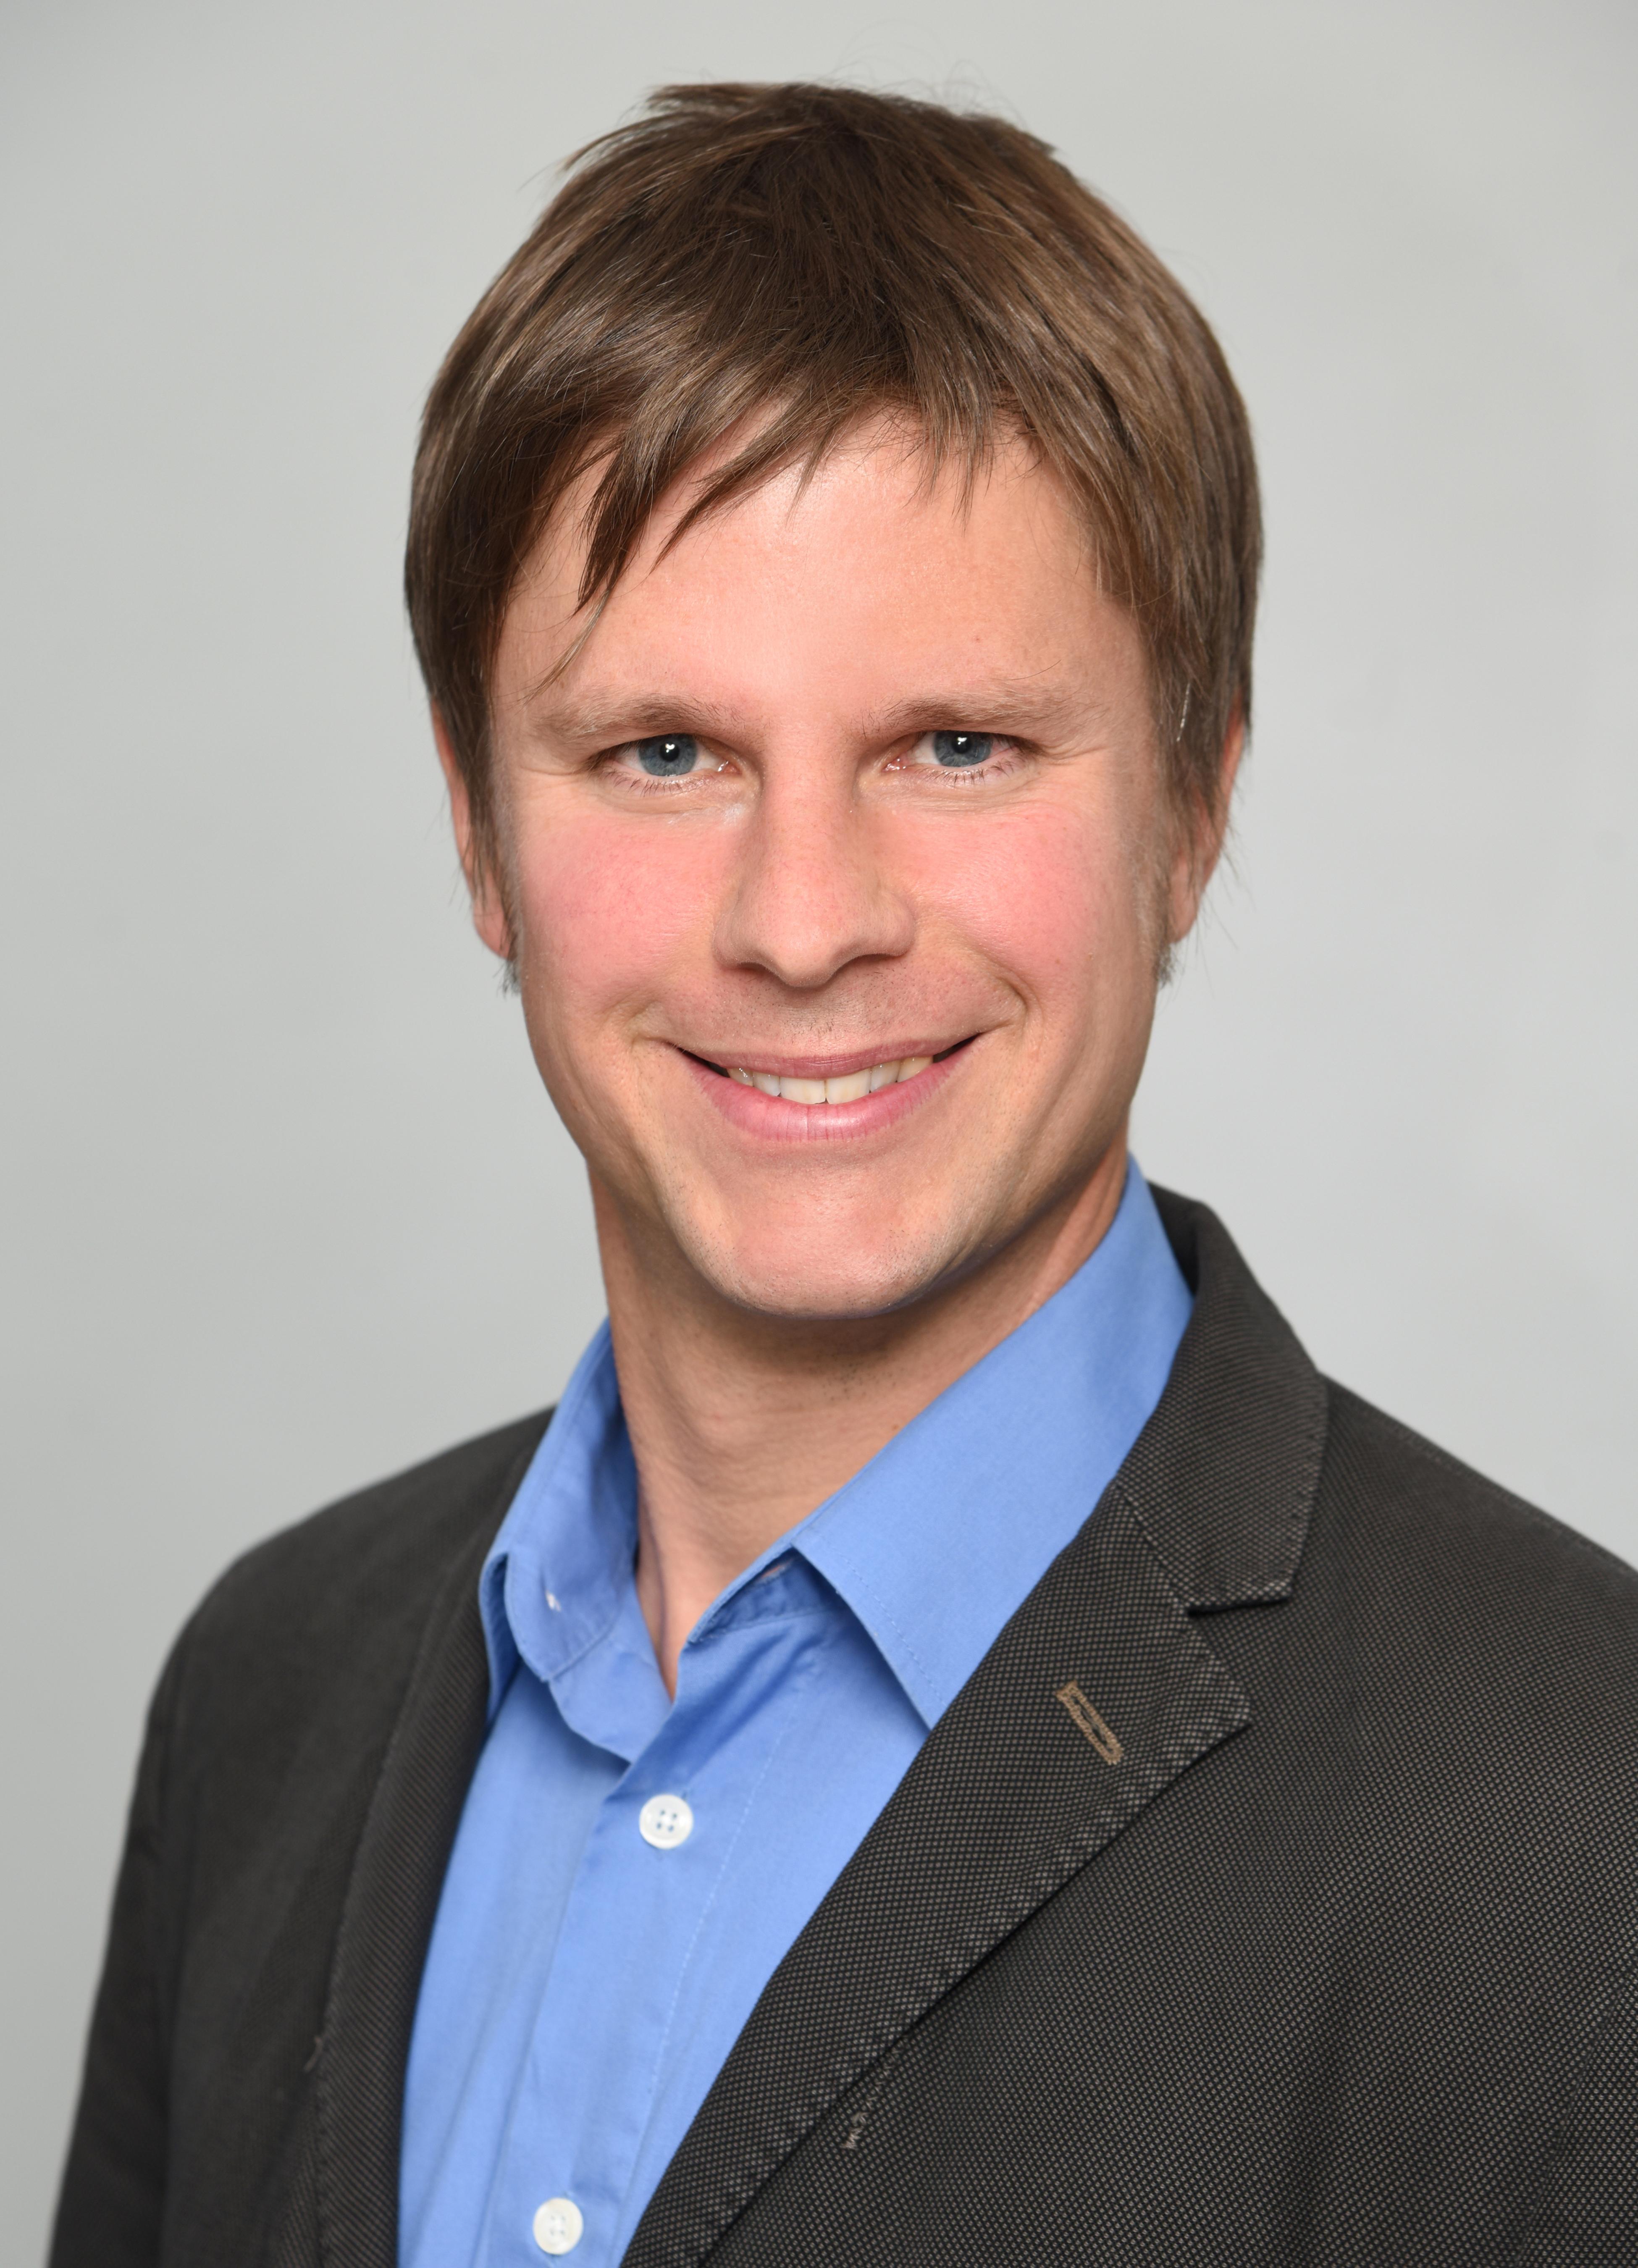 Marco Morschel